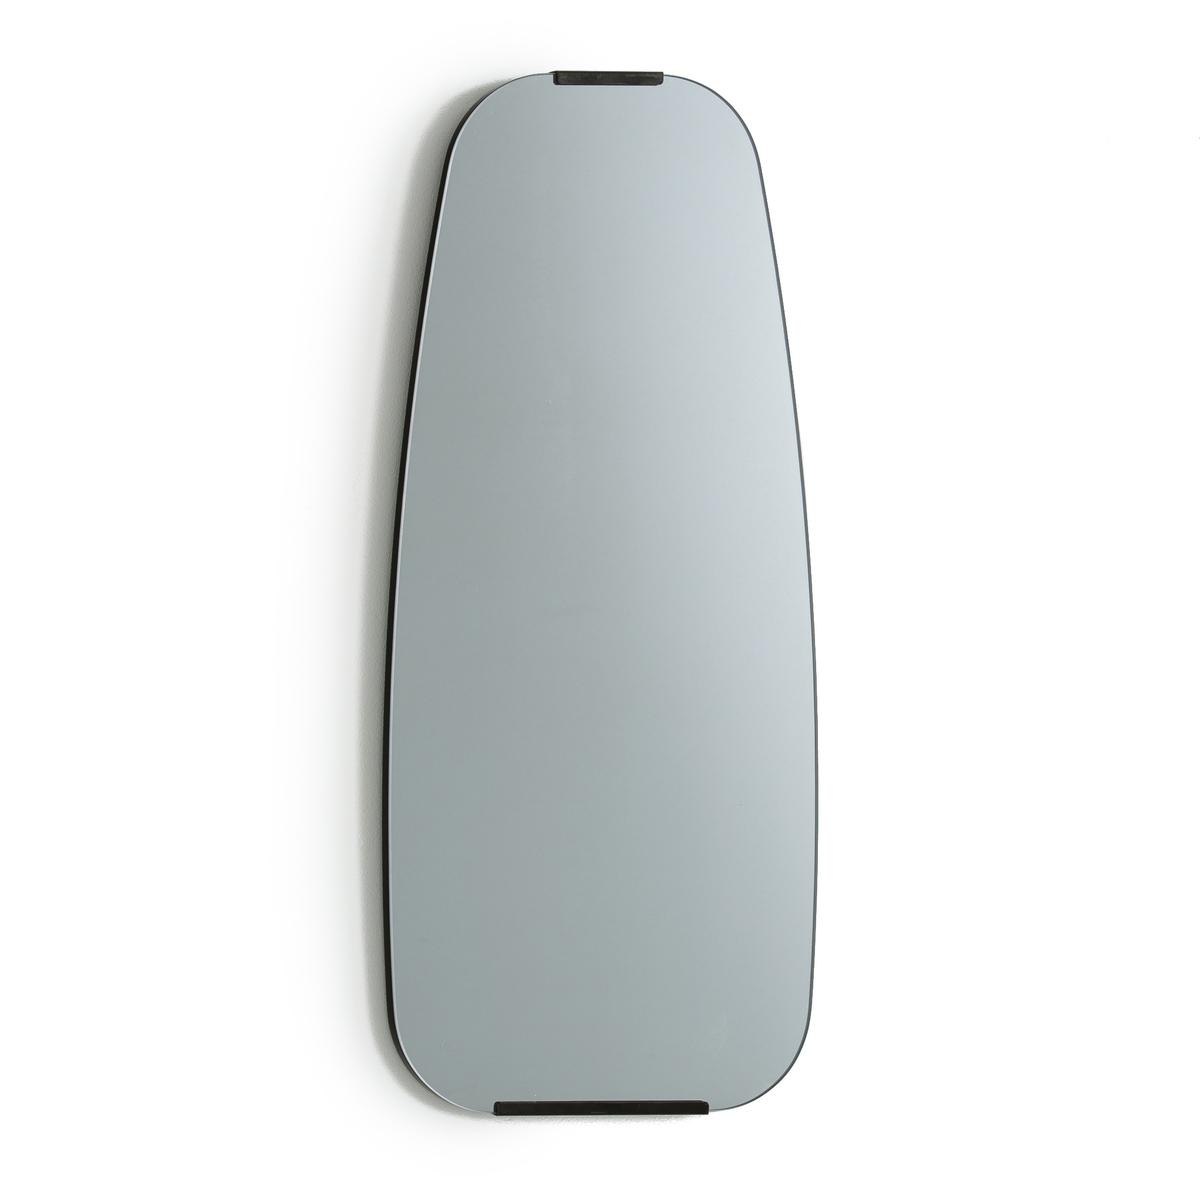 Зеркало из бронзового сплава серых тонов, DialectЗеркало Dialect. Культовое зеркало 50-х годов, слегка окрашенное и прикрепляемое к стене с помощью двух кронштейнов (винты и дюбели продаются отдельно). Накладки из латуни с отделкой под старину. Размеры : Ш.32,6 x В.74,5 x Г.2 см.<br><br>Цвет: дымчато-серый